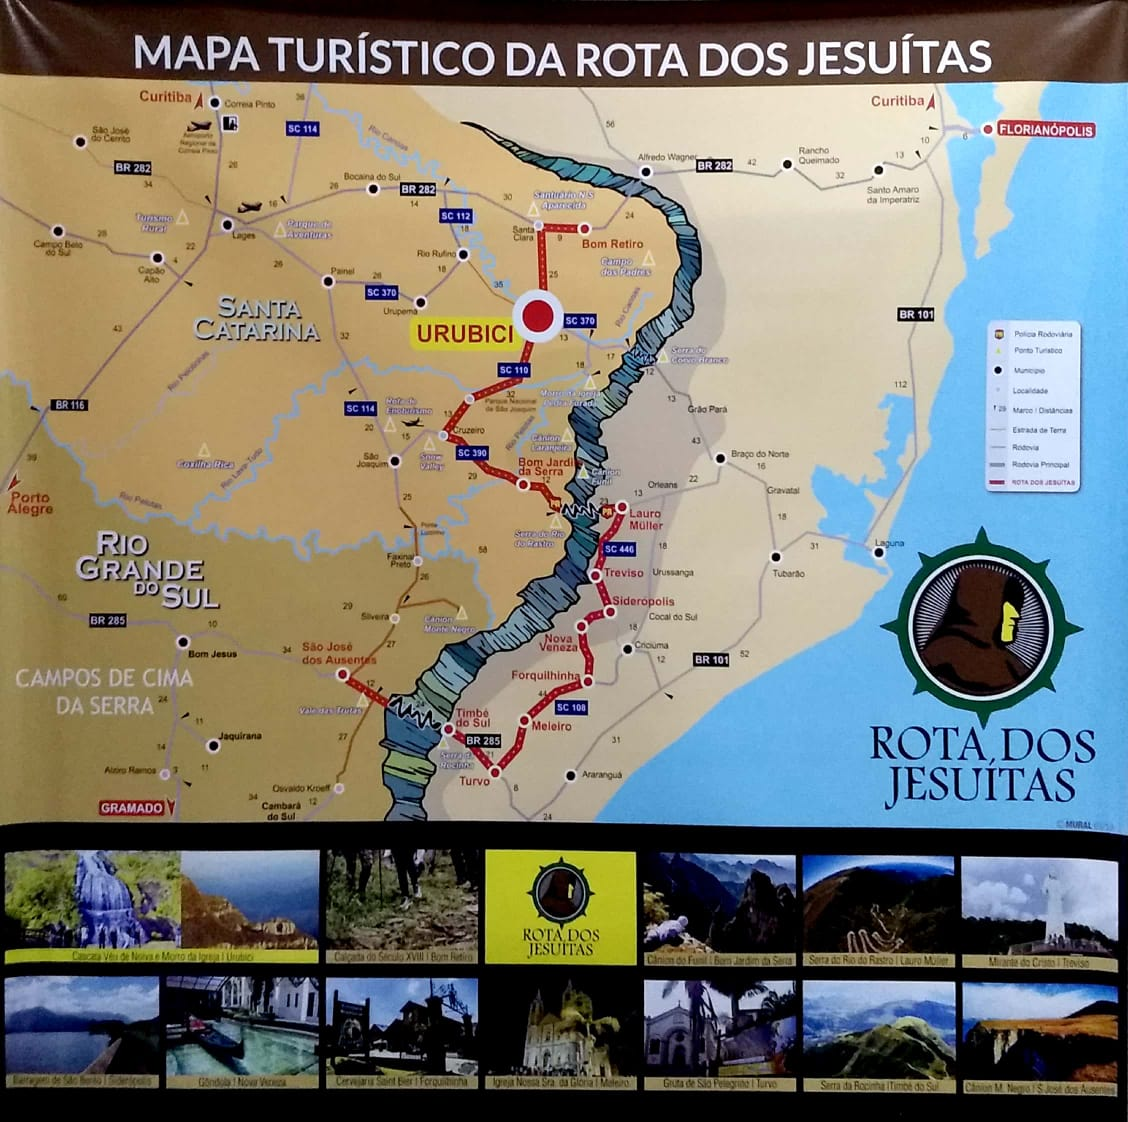 Mapa da Rota dos Jesuítas